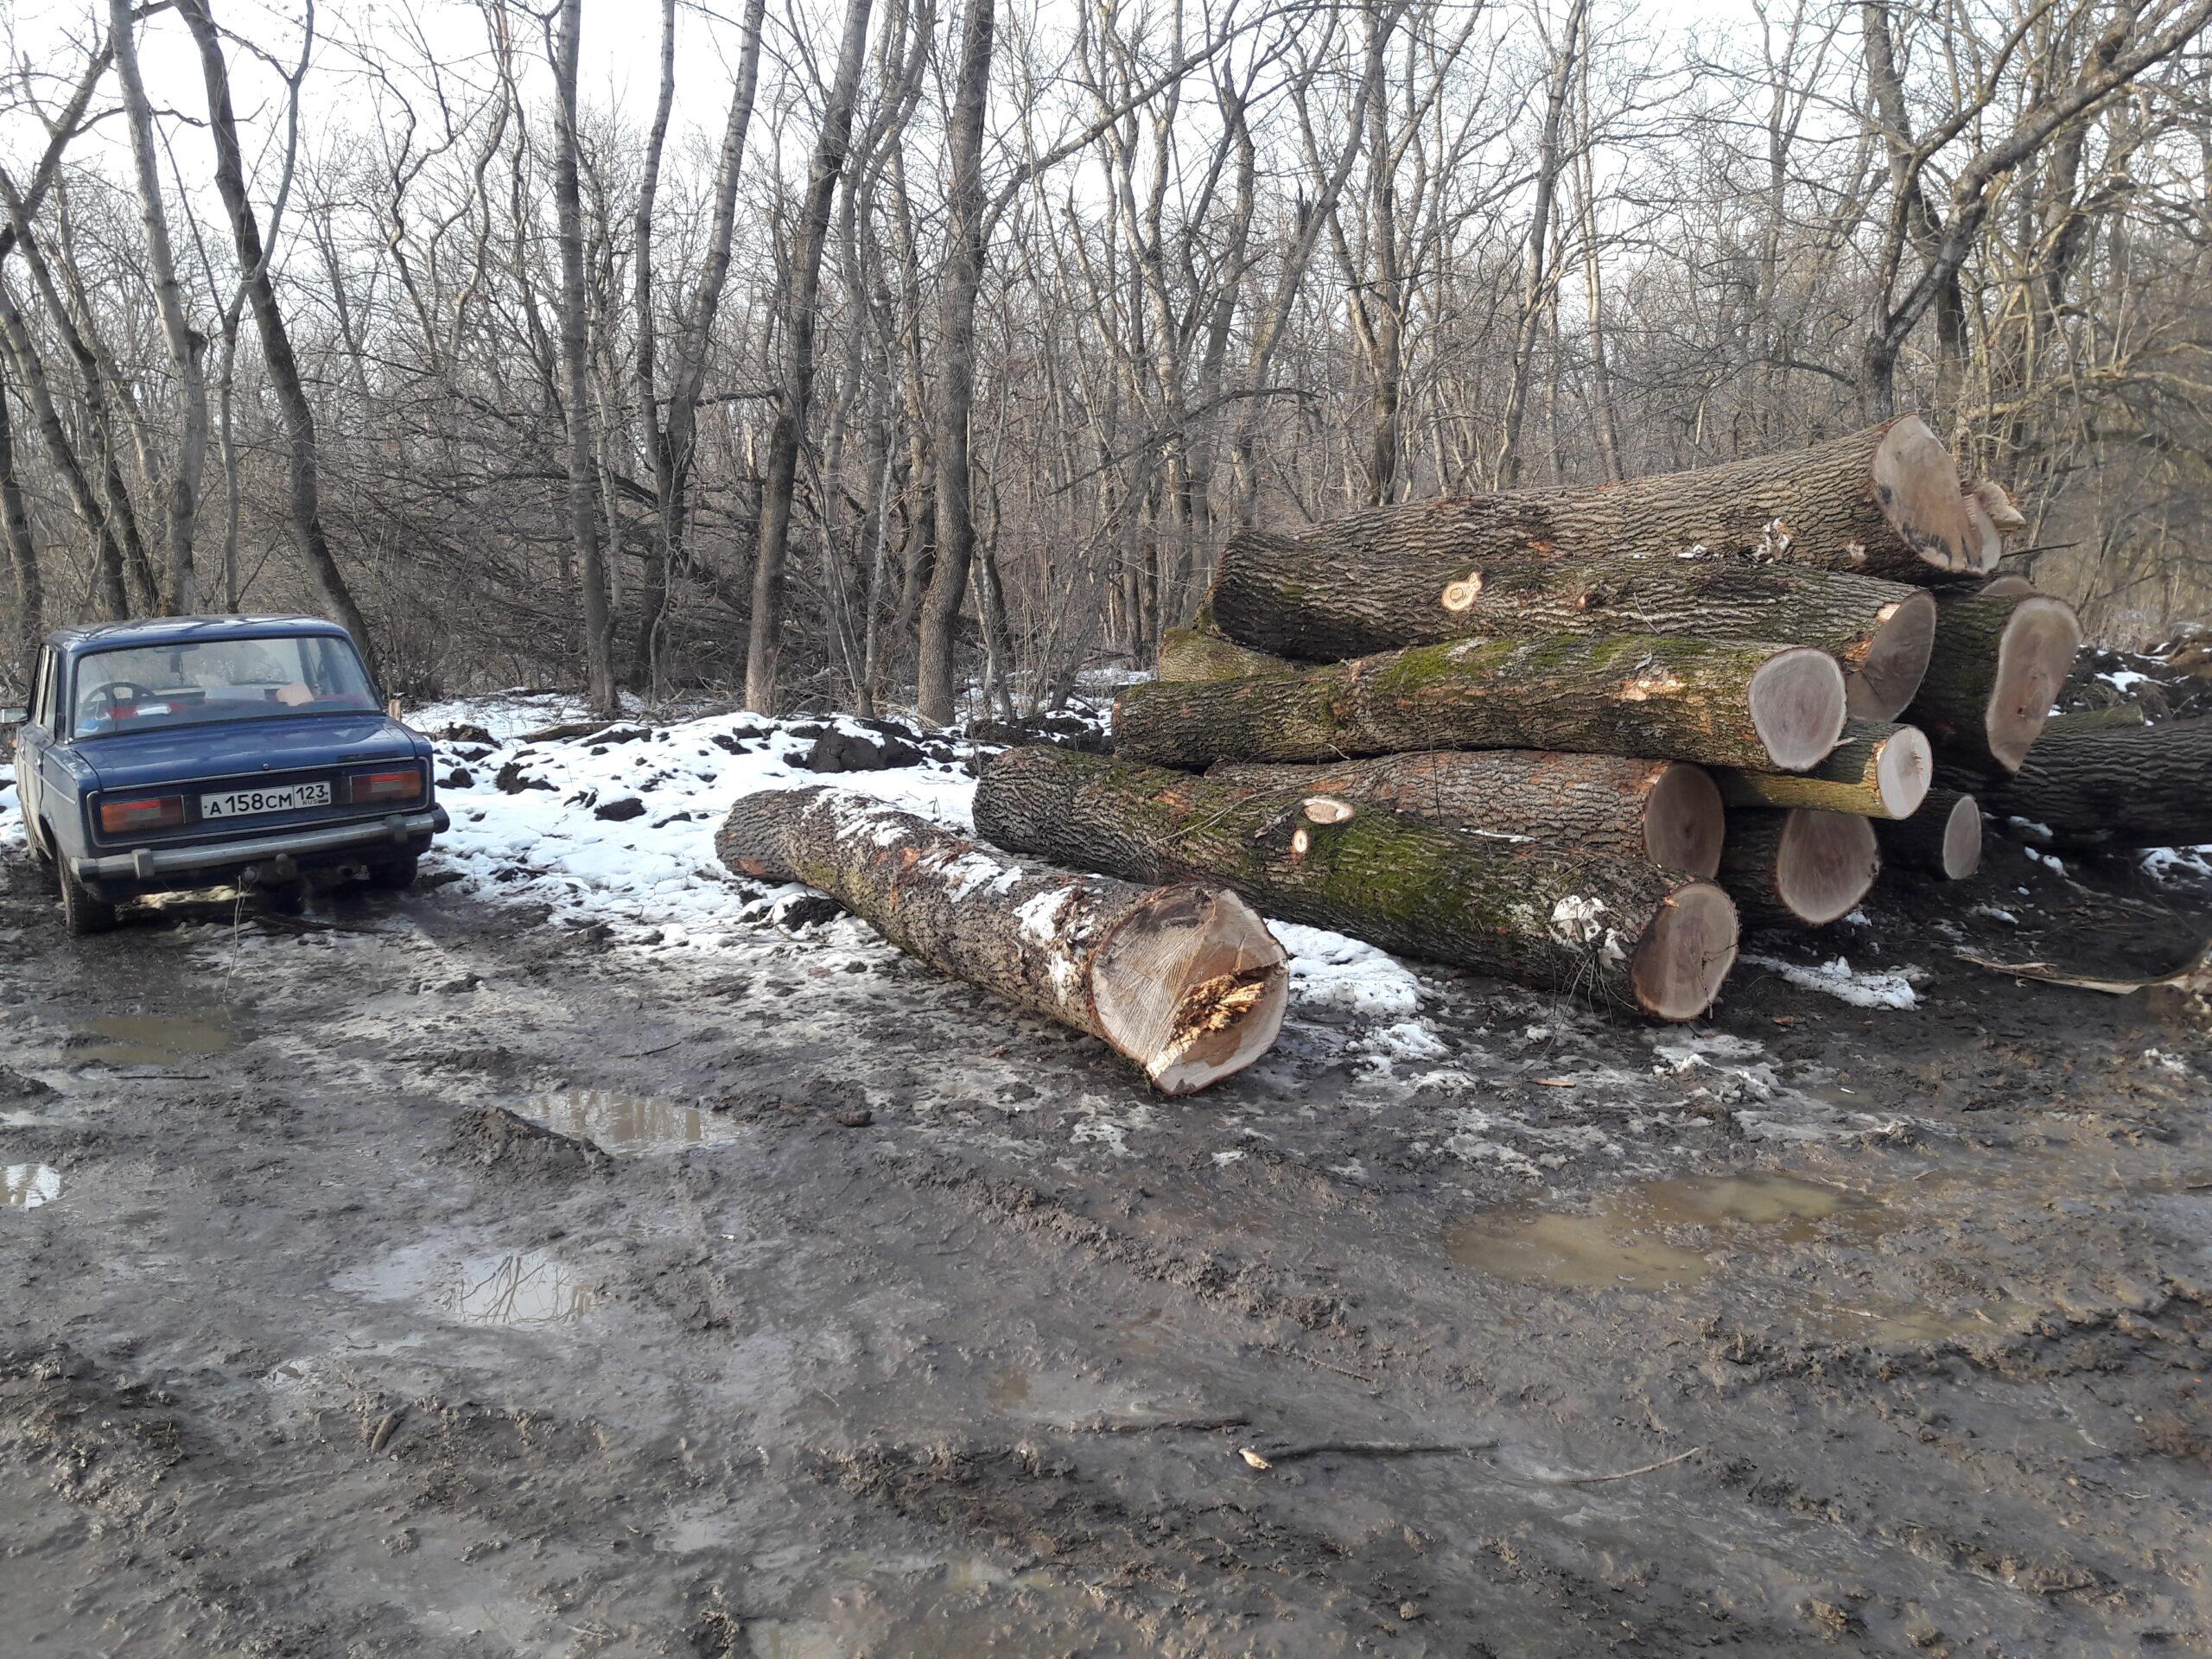 ОНФ обратился в прокуратуру Краснодарского края по факту вырубки леса в Армавире